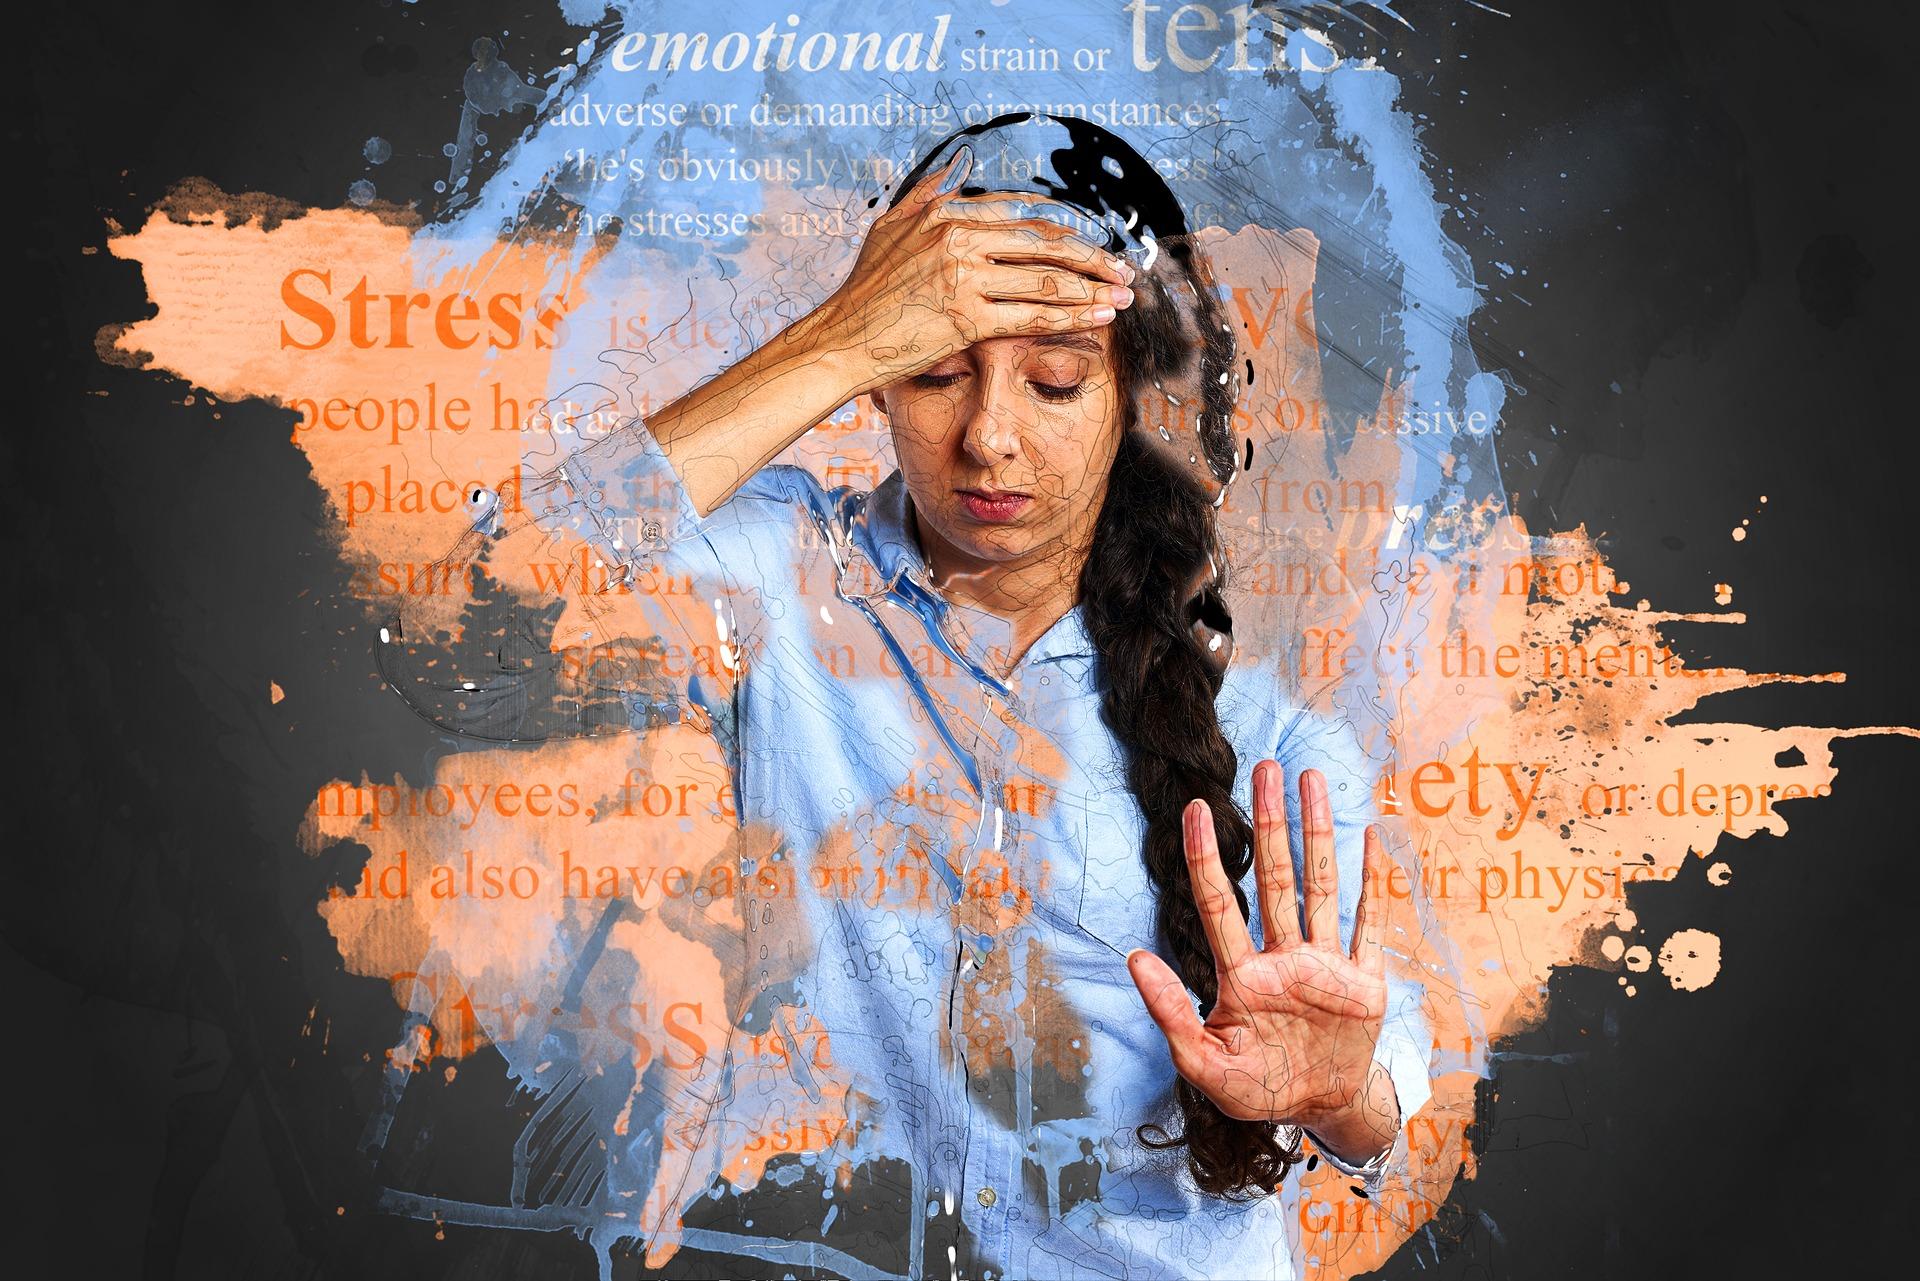 Stressi altistaa syömisen haasteille – Millaisista keinoista voi hakea apua?